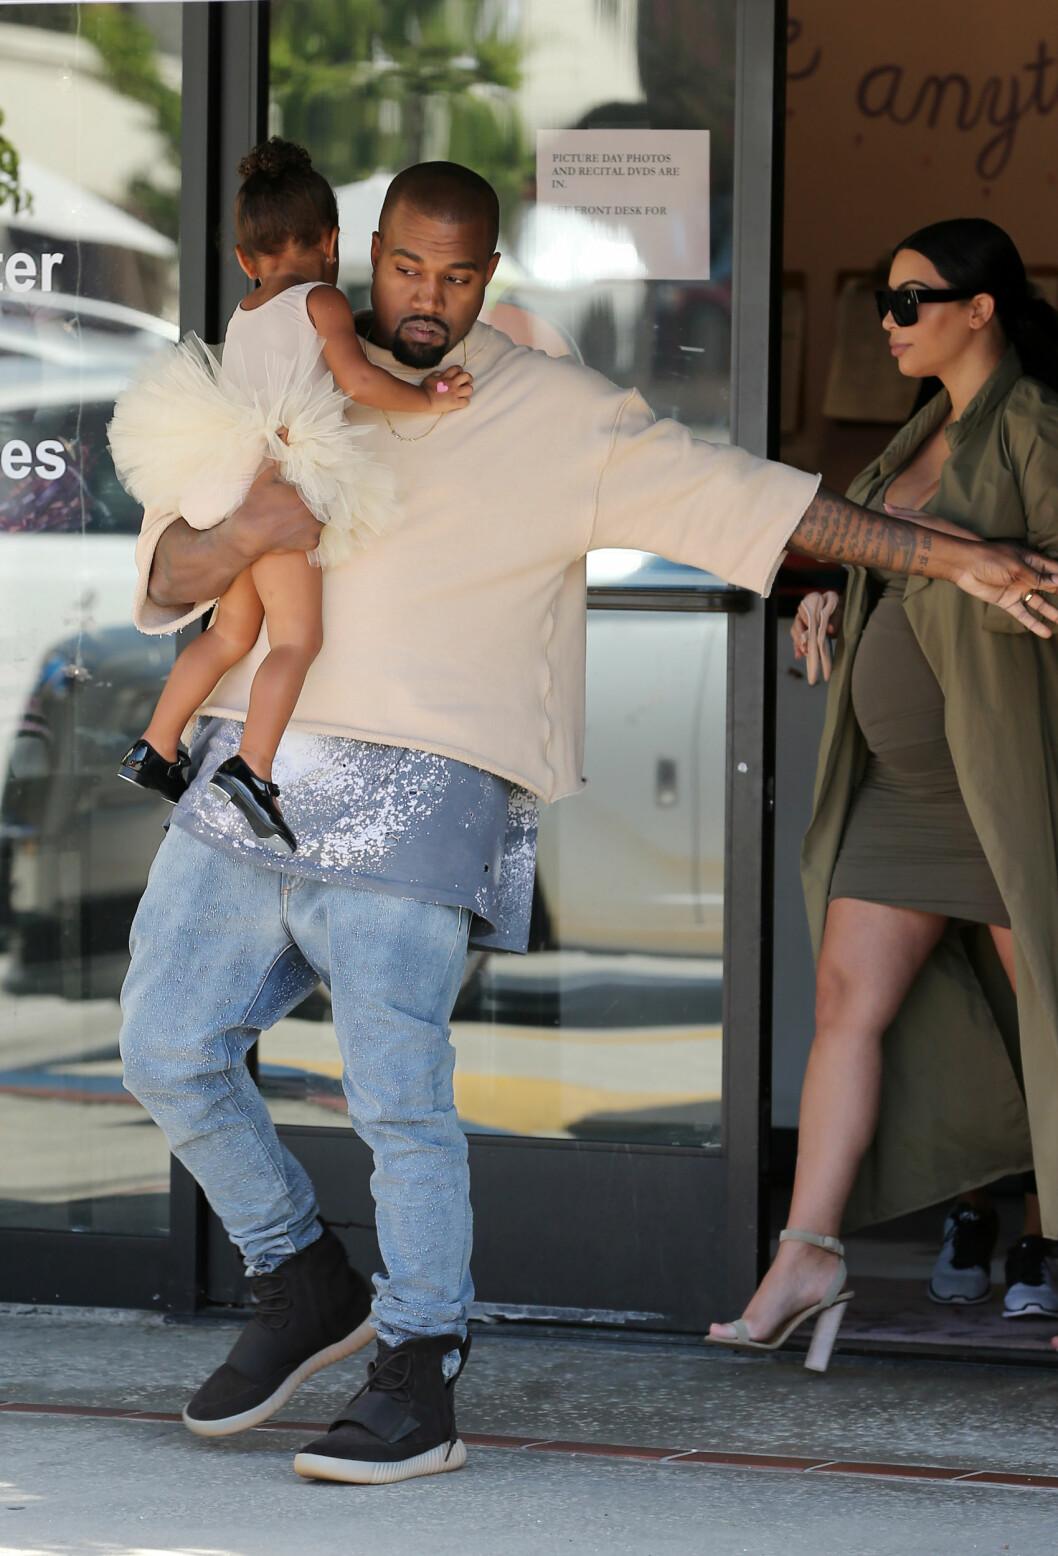 BLIR FIRE: I desember venter Kim og Kanye en sønn. Her er de på ballett sammen med eldstedatteren North tidligere i høst. Foto: Splash News